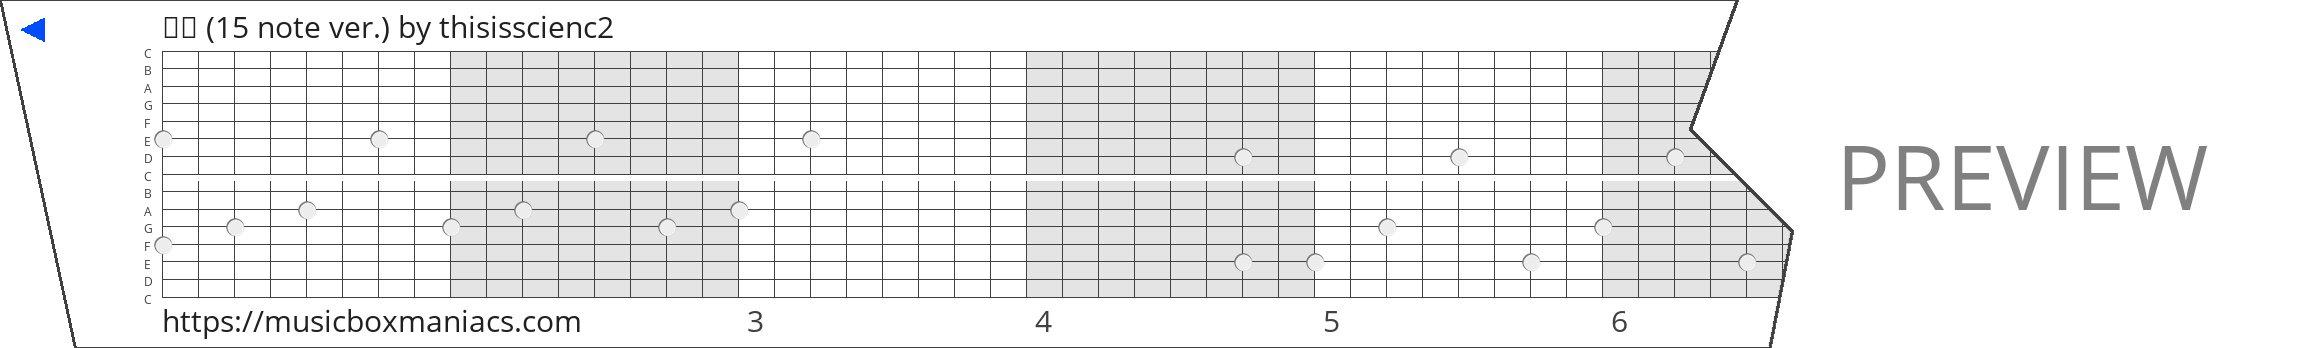 상처 (15 note ver.) 15 note music box paper strip